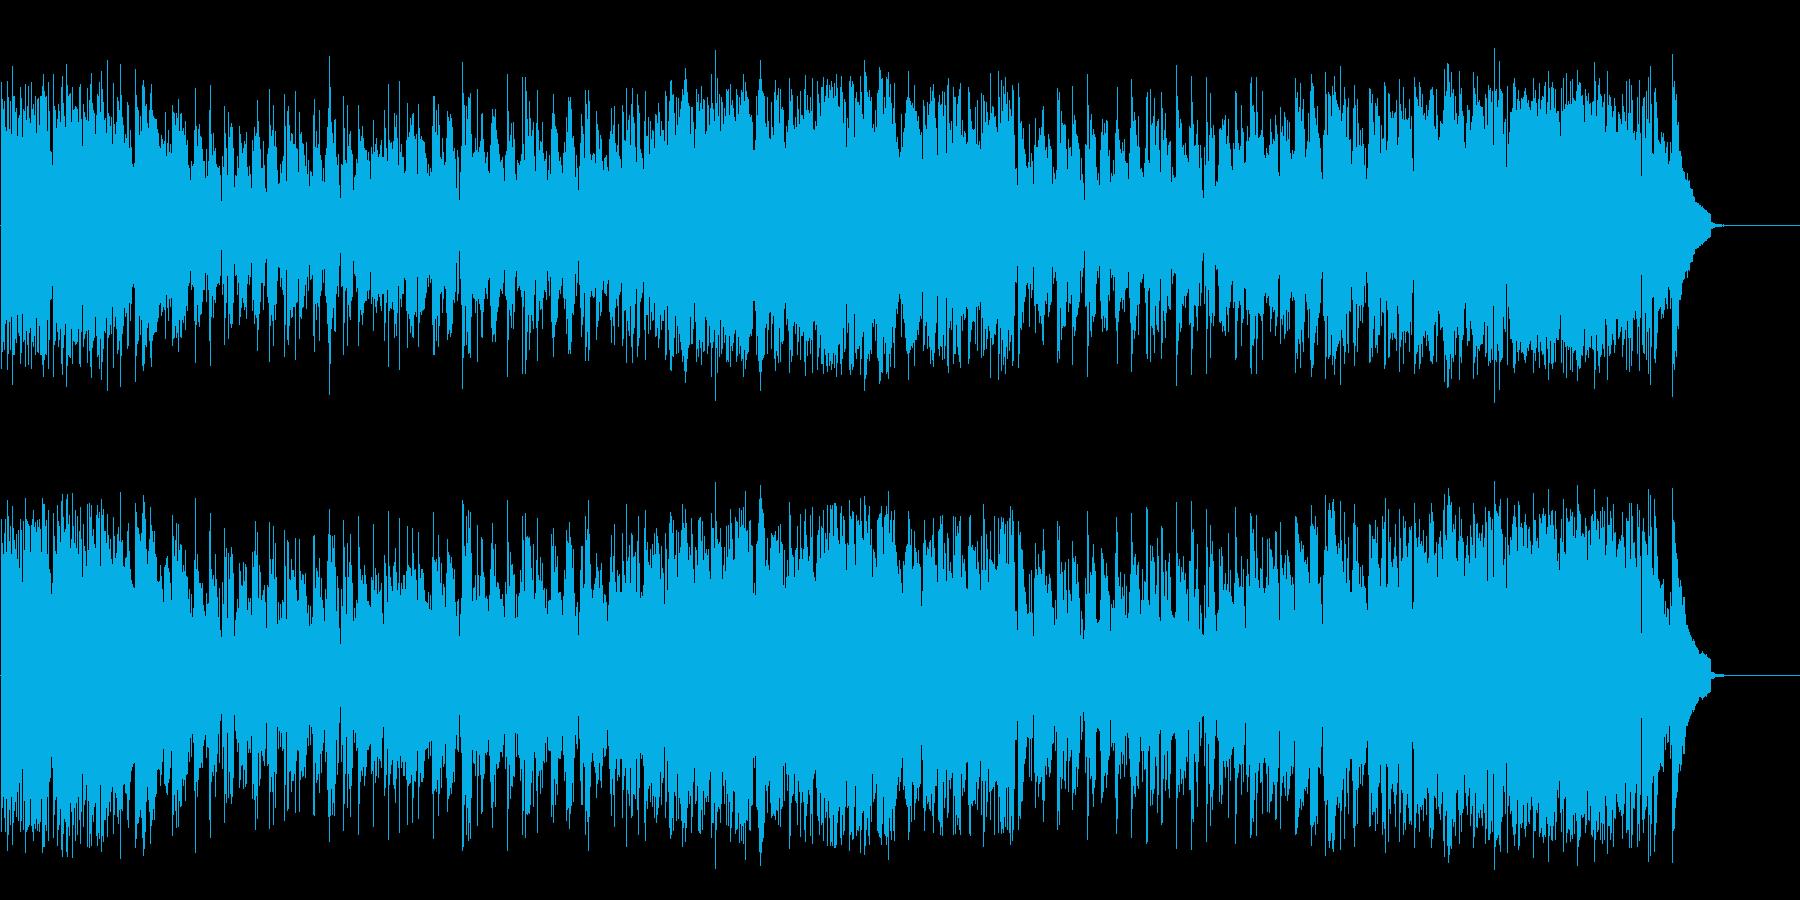 流れる風のキャッチーなポップフュージョンの再生済みの波形